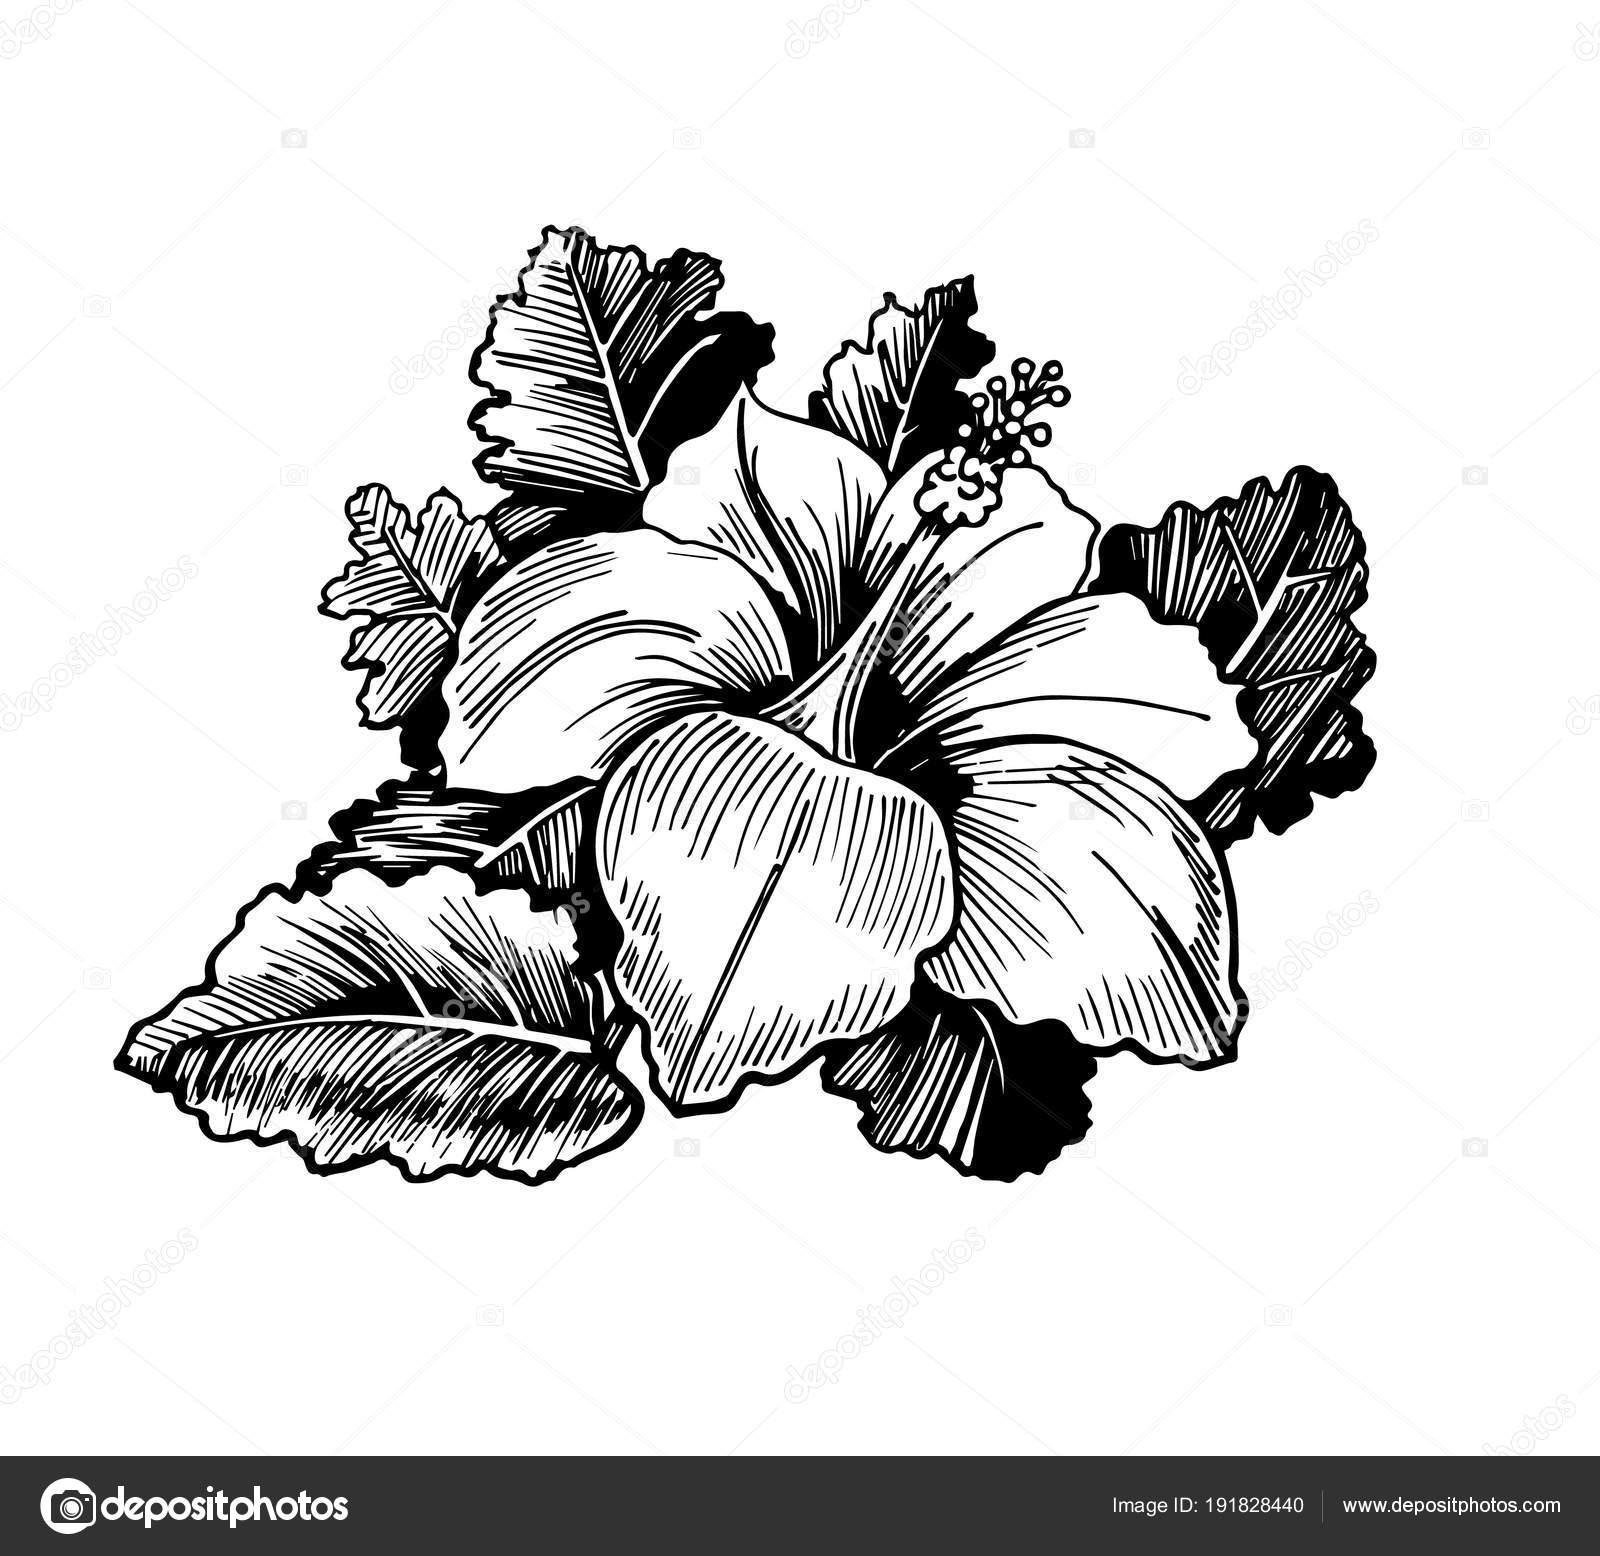 Dessin r aliste une fleur avec des feuilles illustration - Une fleur dessin ...